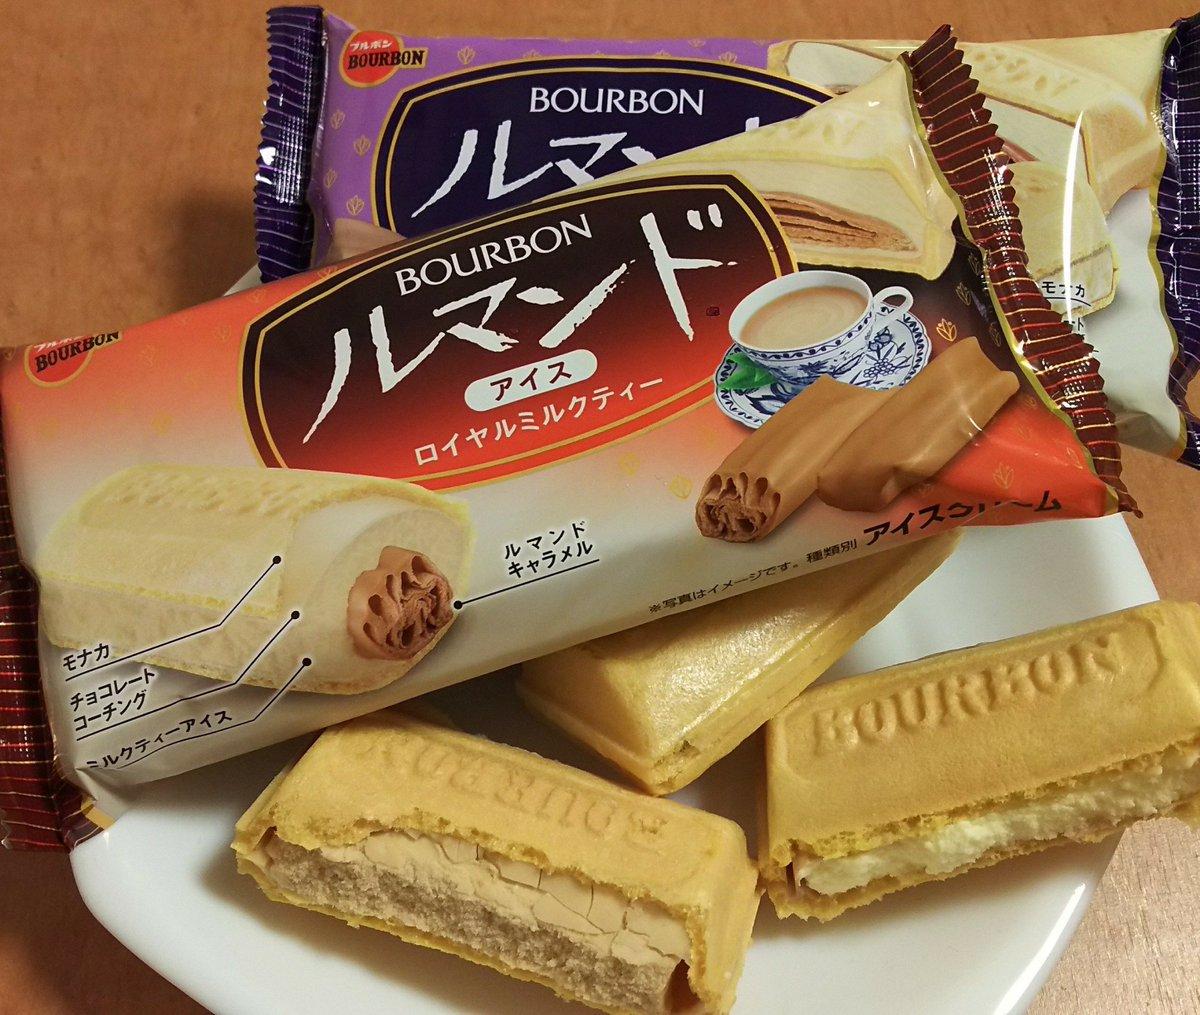 ルマンドの意味とは(ブルボンのお菓子)?カロリーや種類・英語なのかを調査!